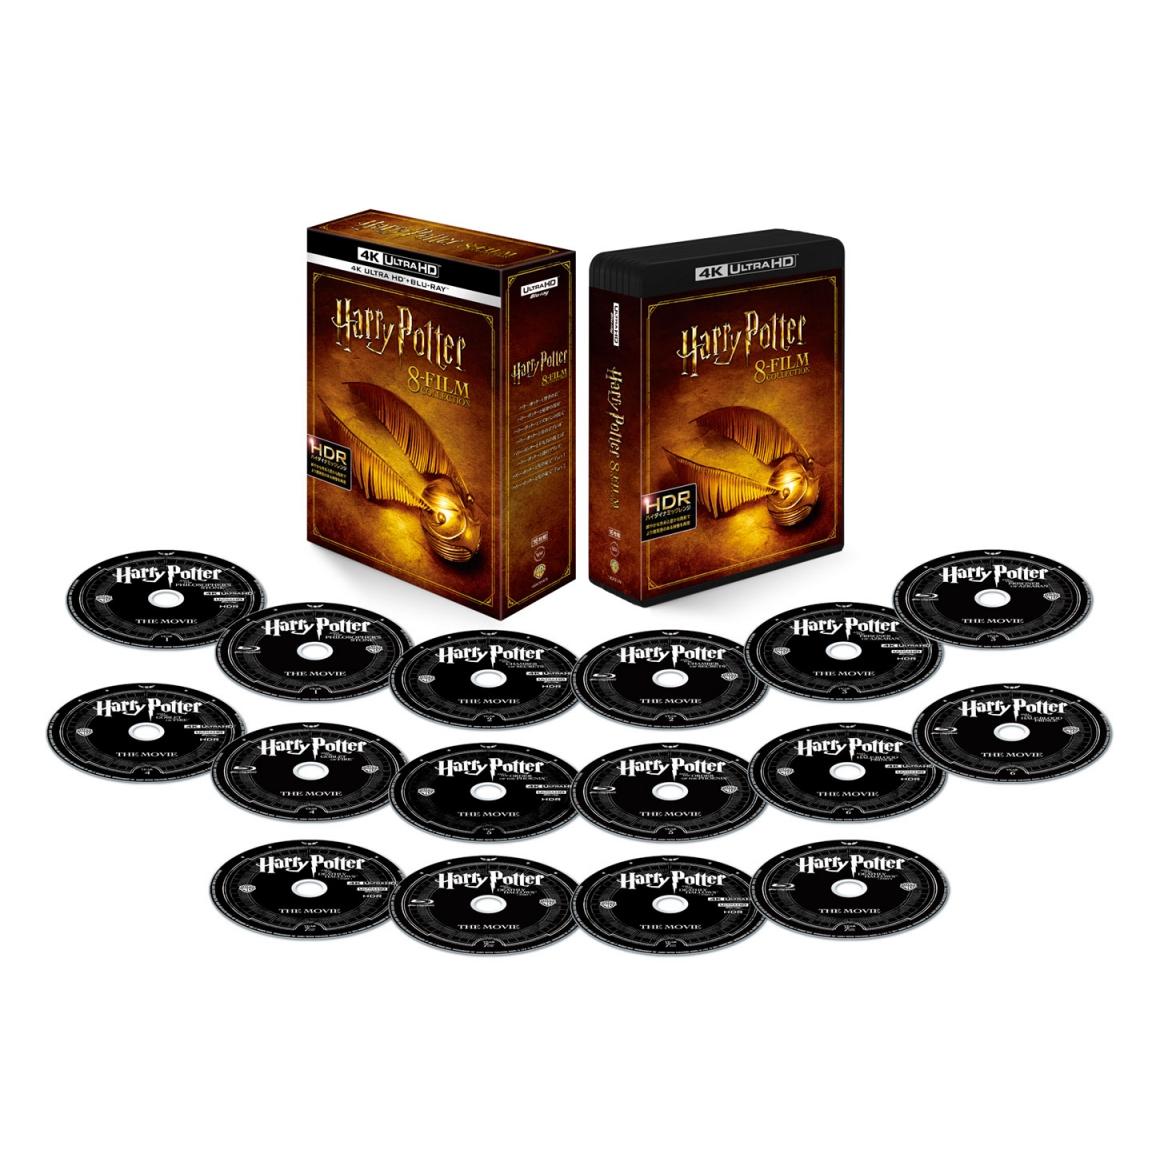 ハリー・ポッター 8フィルムコレクション<4K ULTRA HD&ブルーレイセット>(16枚組)